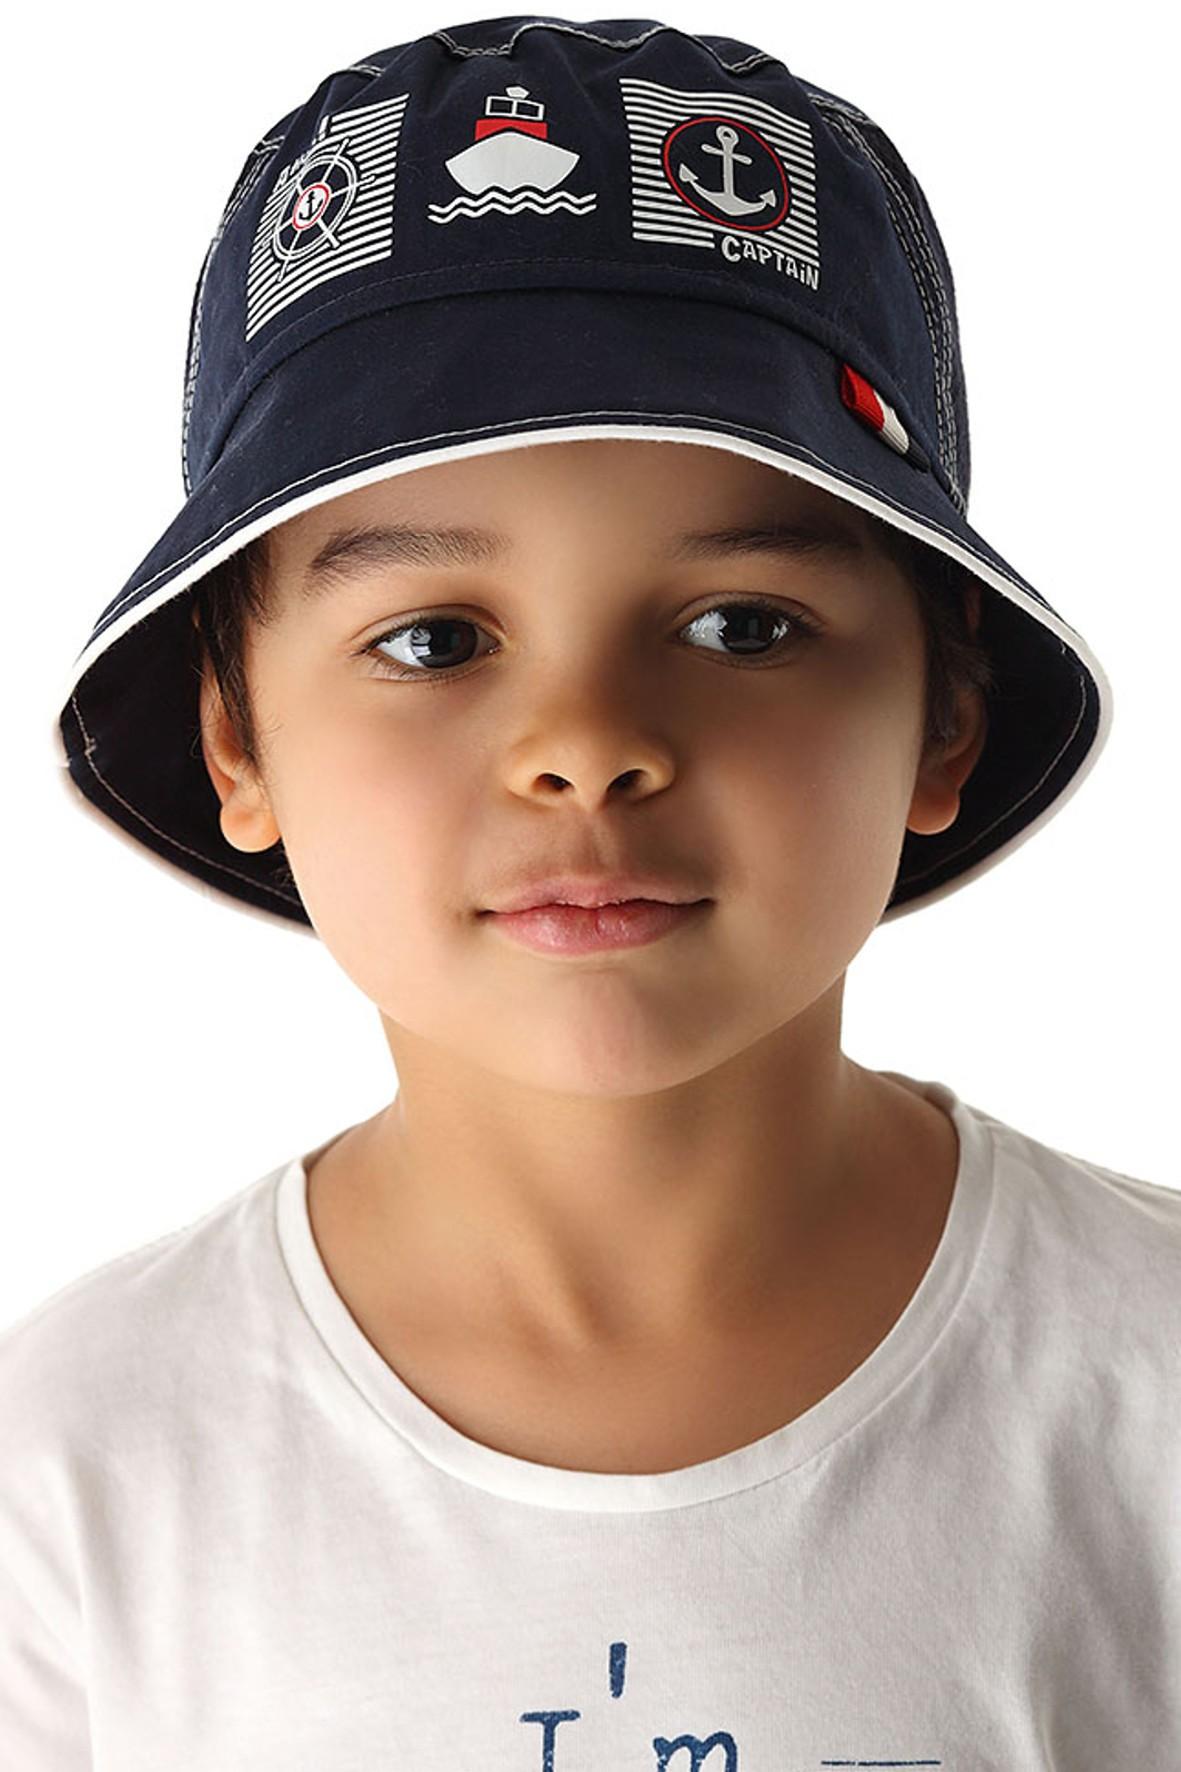 Bawełniany kapelusz dla chłopca